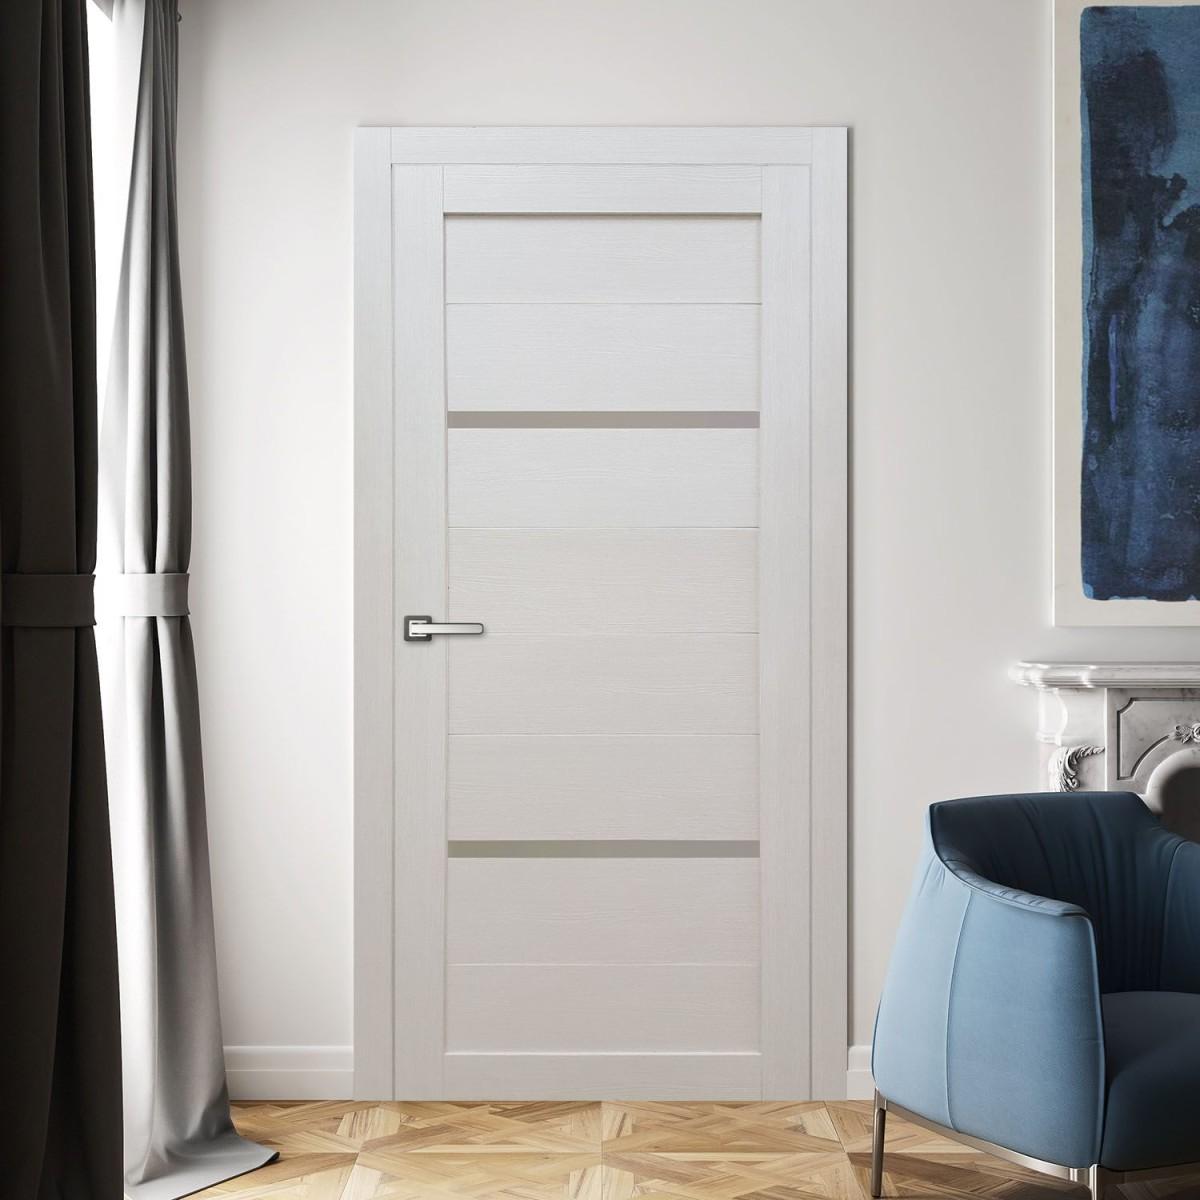 Дверь Межкомнатная Остеклённая Бэлла 60x200 Ламинация Цвет Кремовый С Фурнитурой